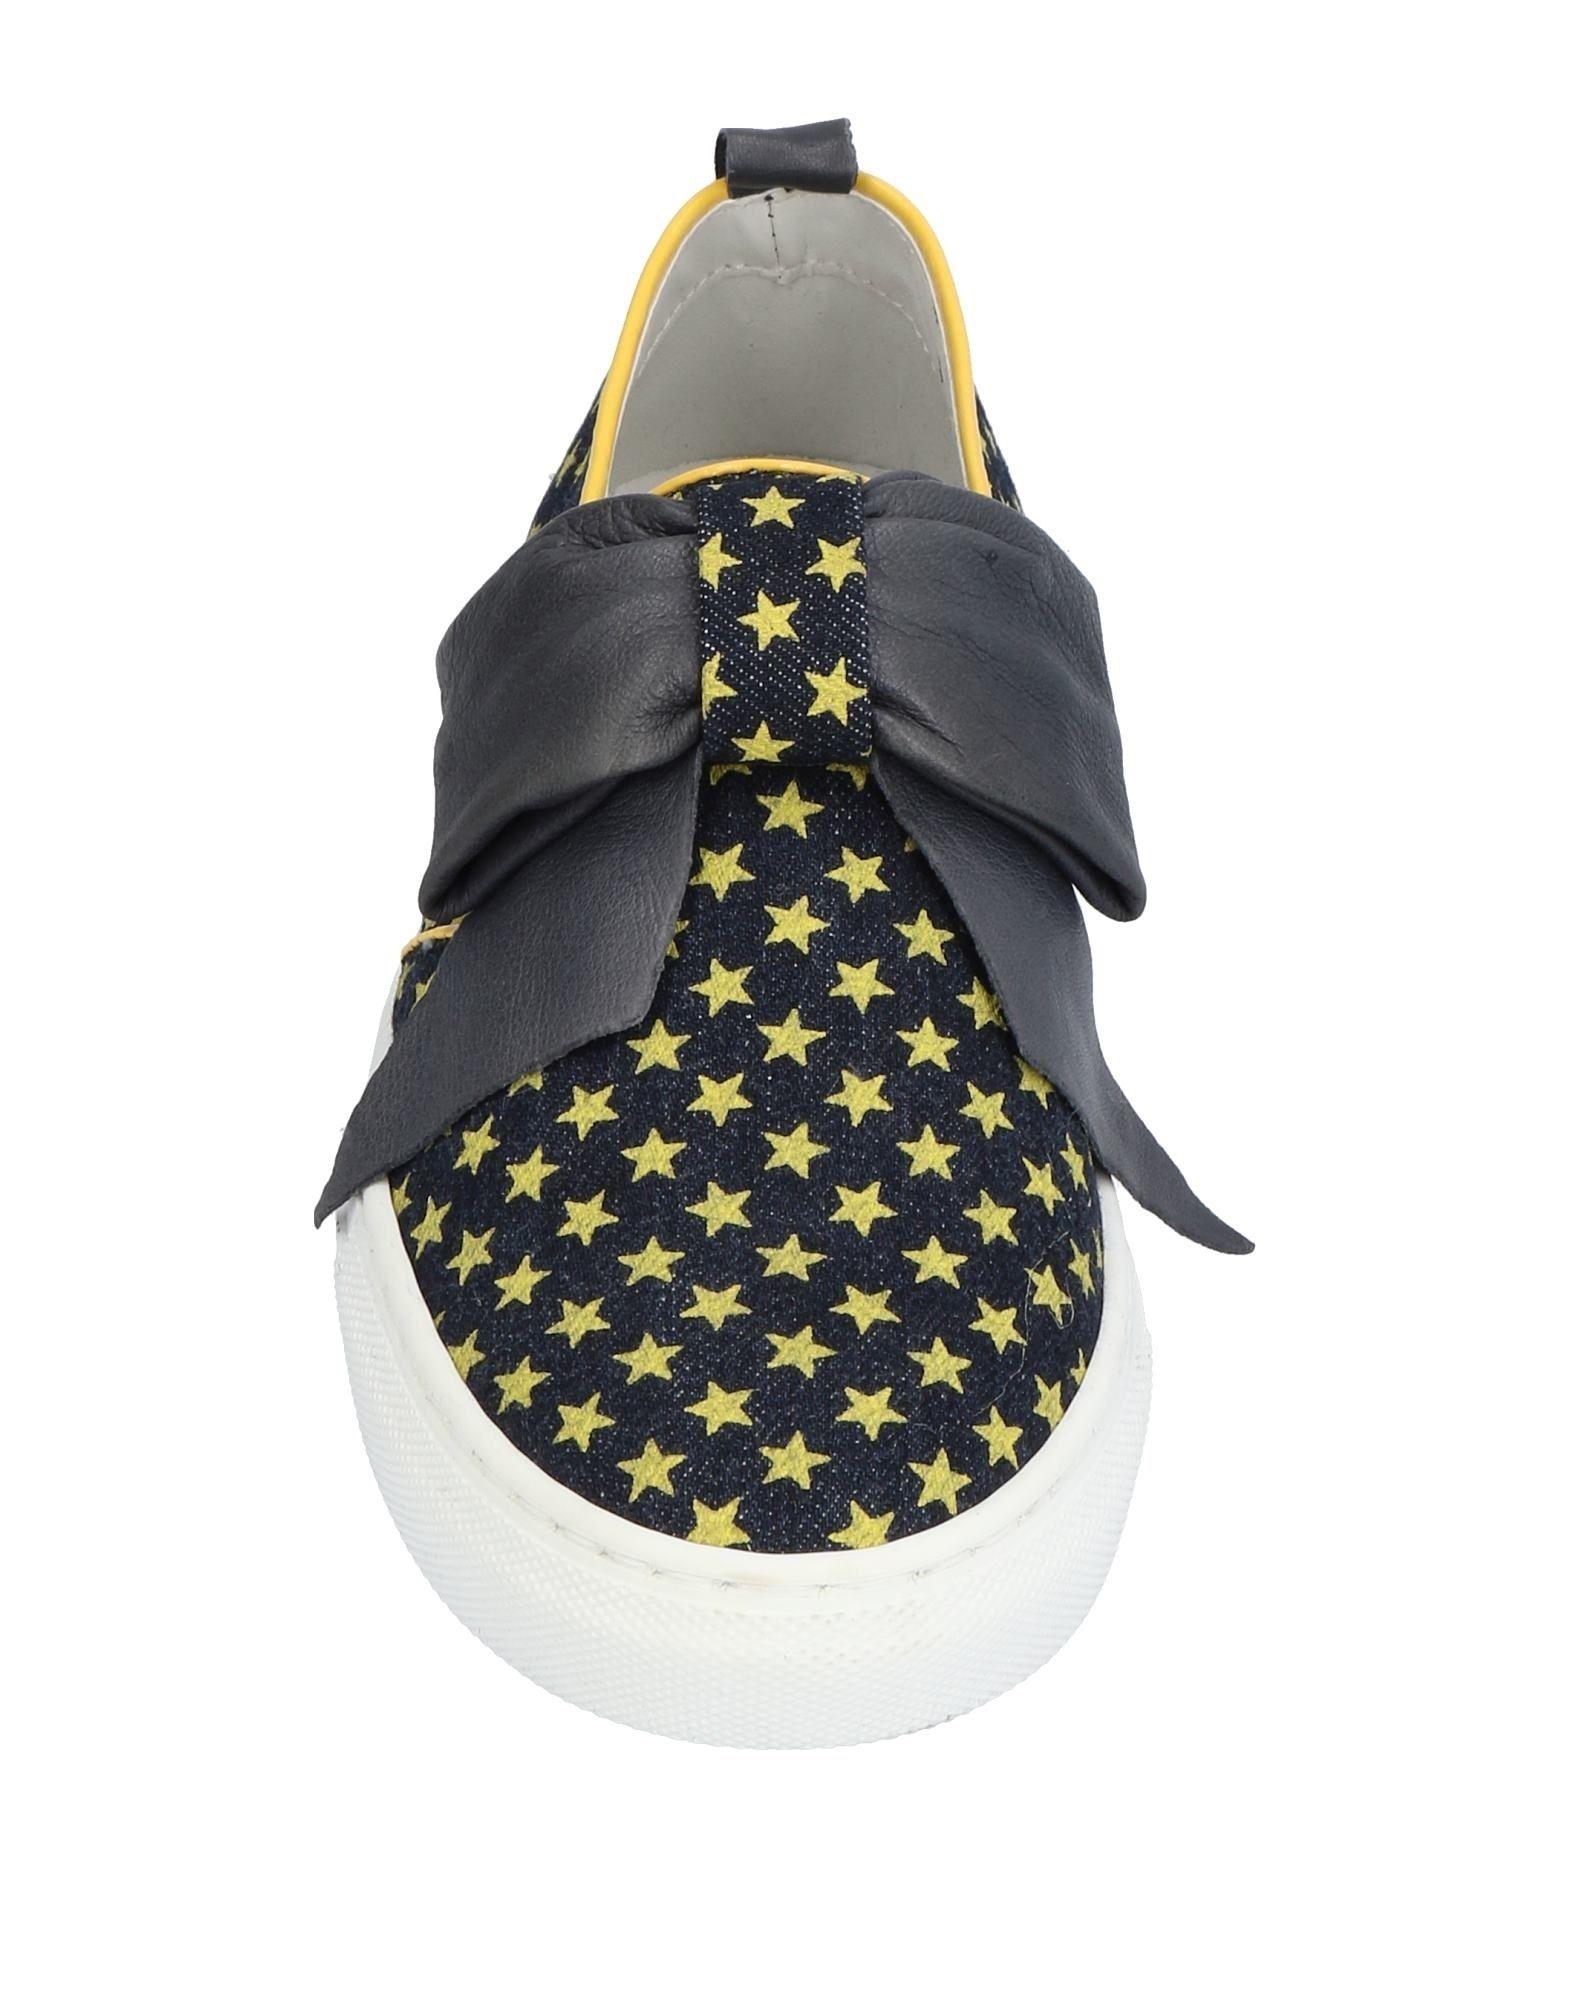 Sneakers Islo Isabella Lorusso Donna - 11471327TC 11471327TC 11471327TC 6cf2f0